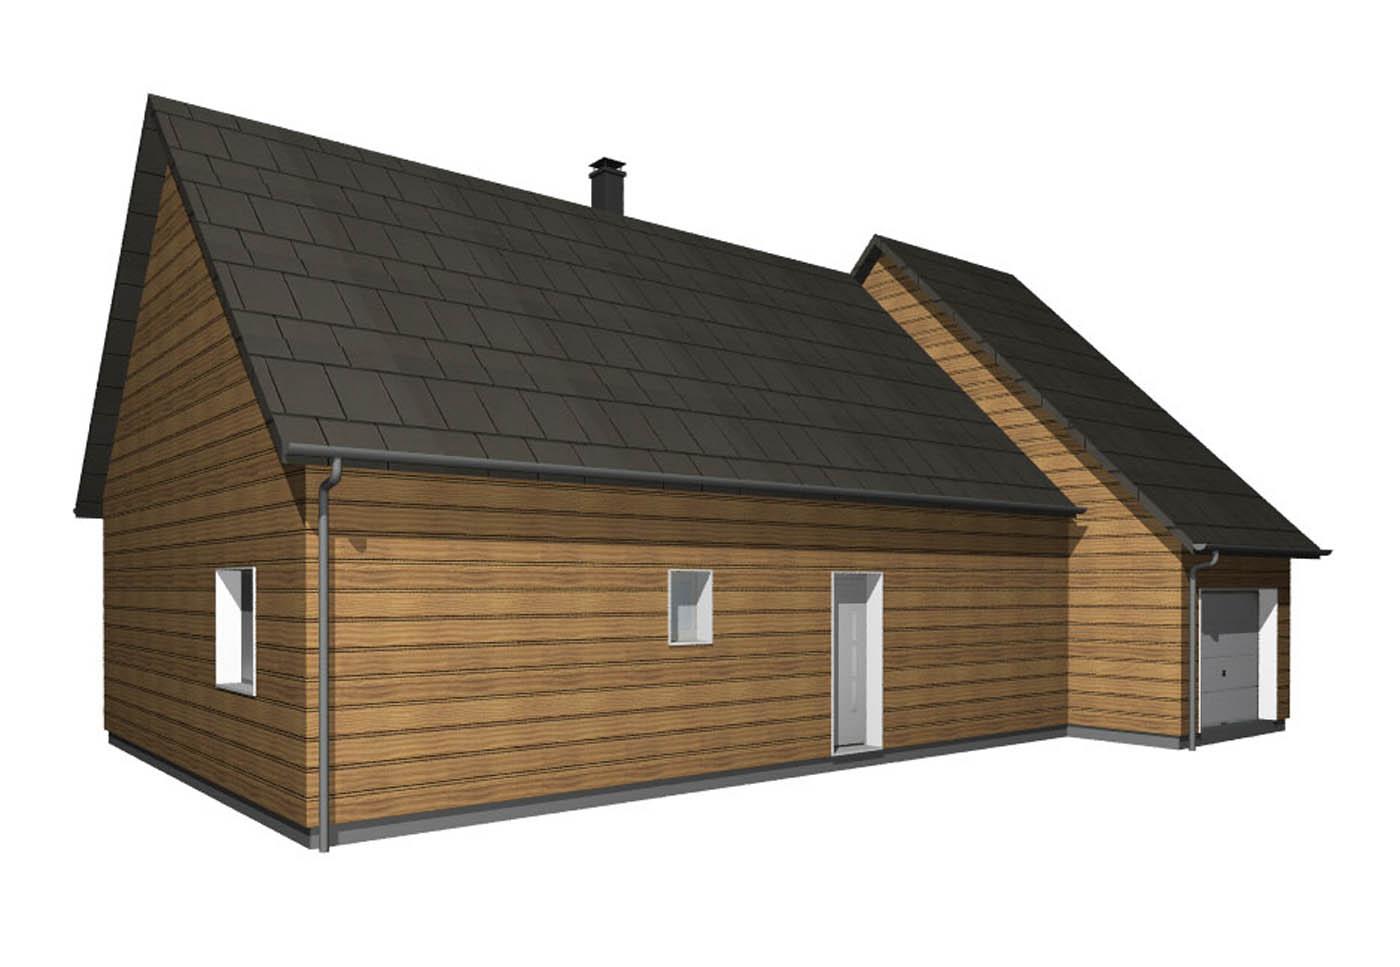 Maison en ossature bois noevea de gipim la maison bois for La maison bois